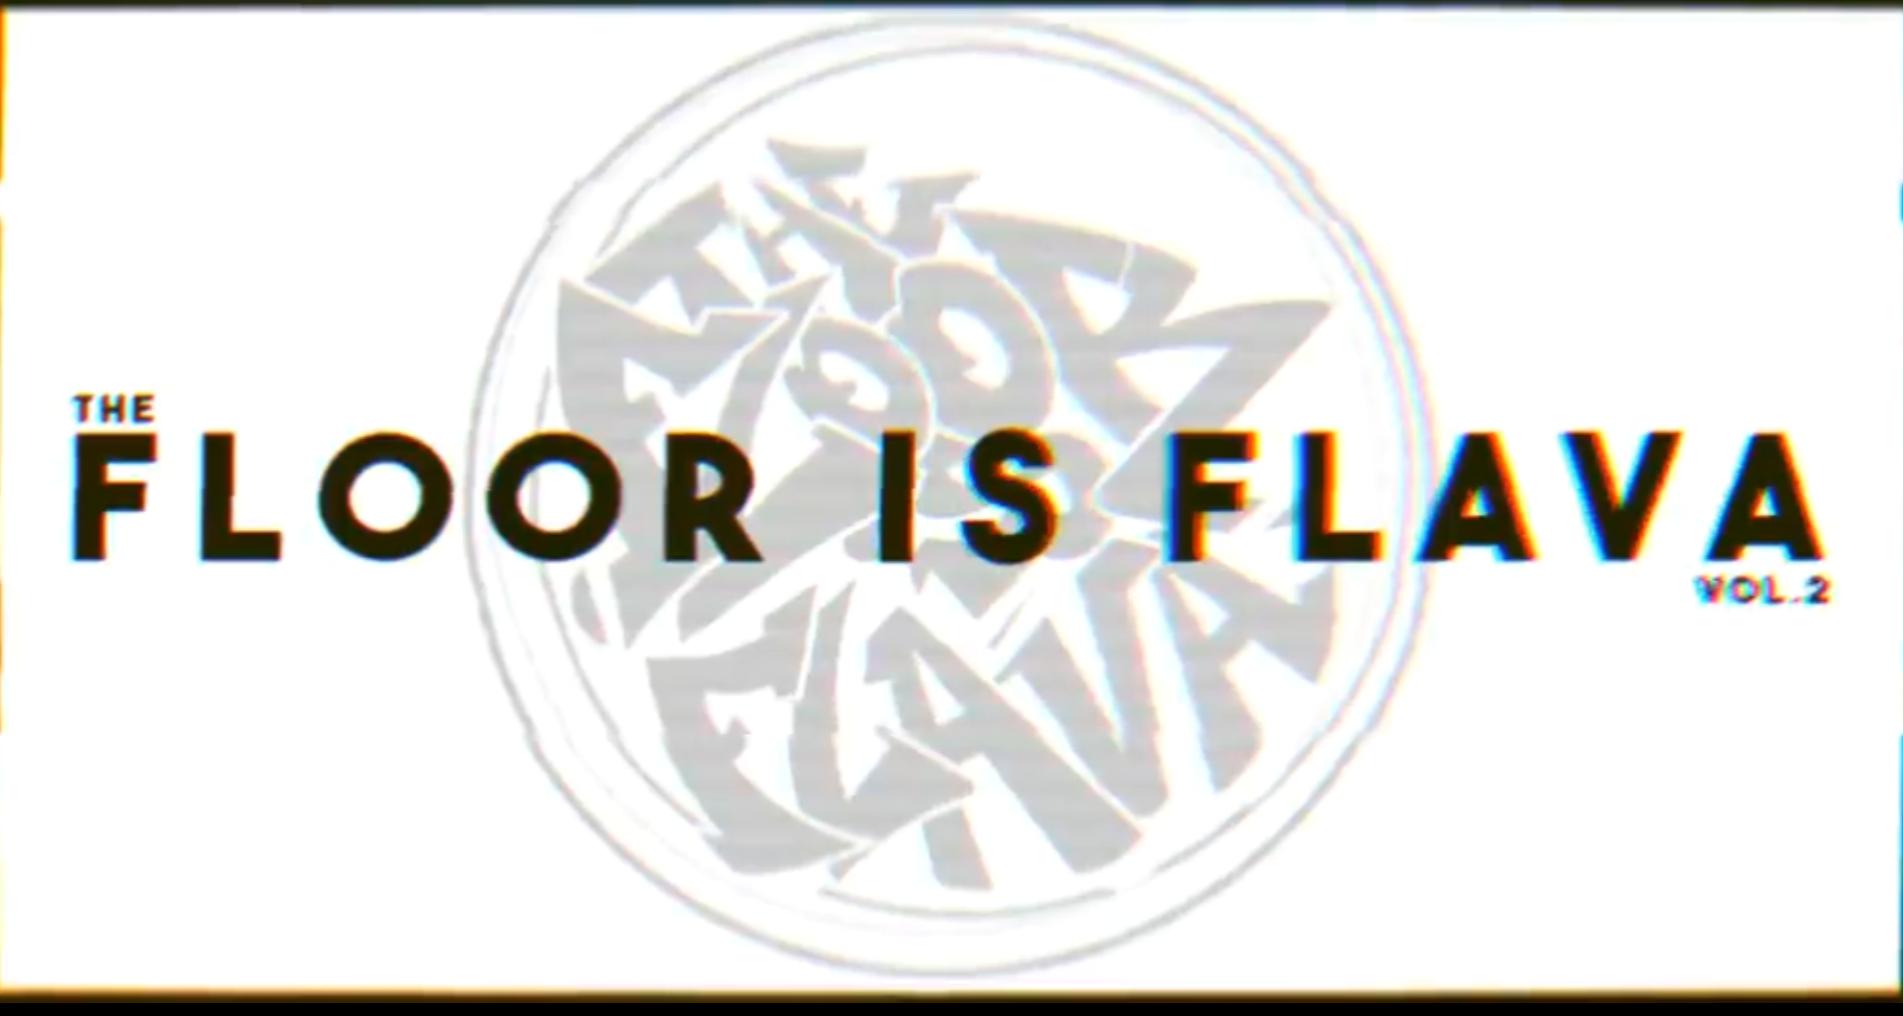 The Floor is Flava vol. 2